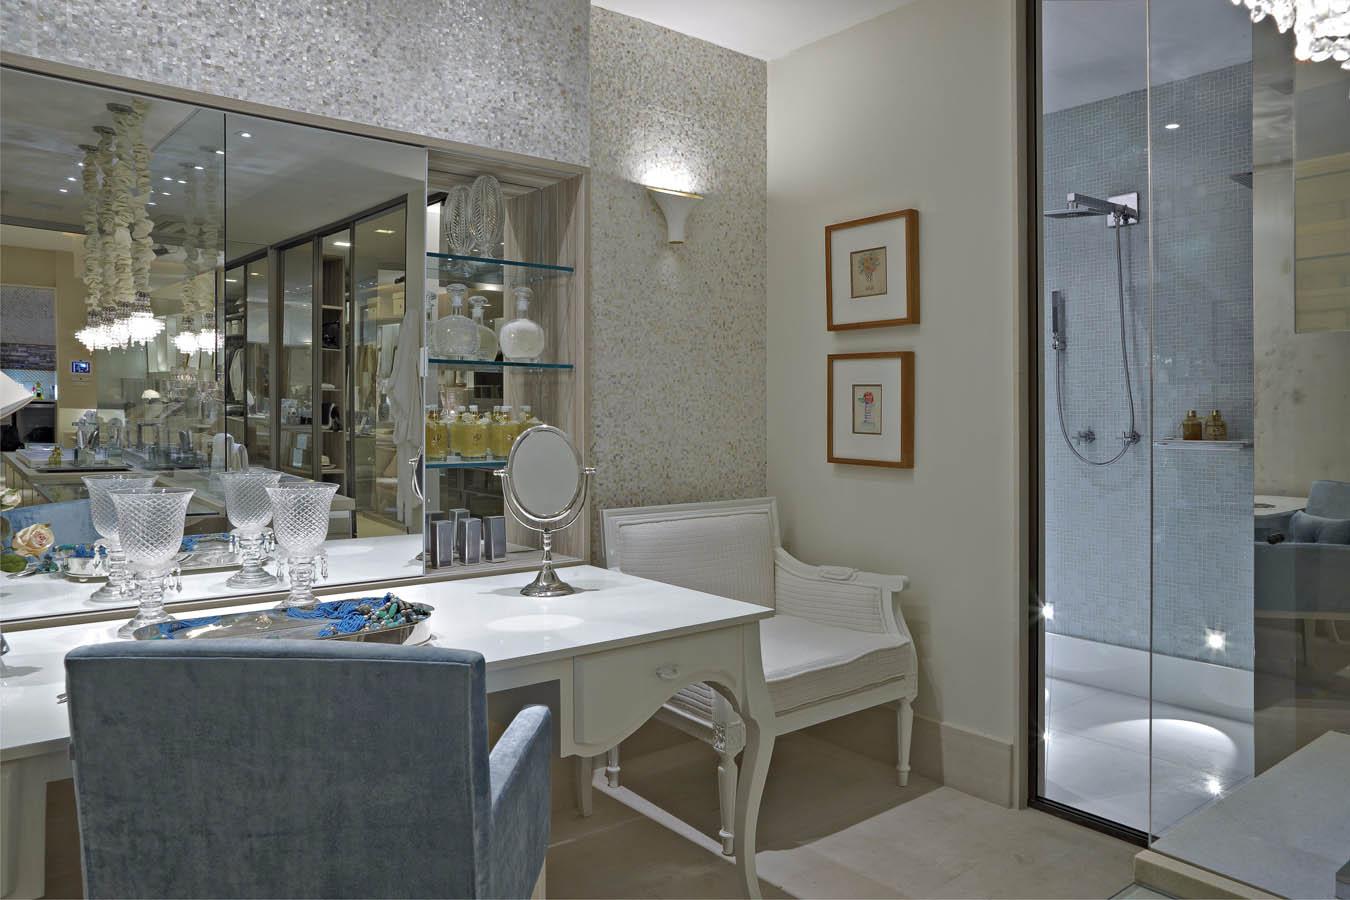 ao closet decorada de azul e branca linda! Confira todos os detalhes #595041 1350x900 Banheiro Com Banheira E Tv